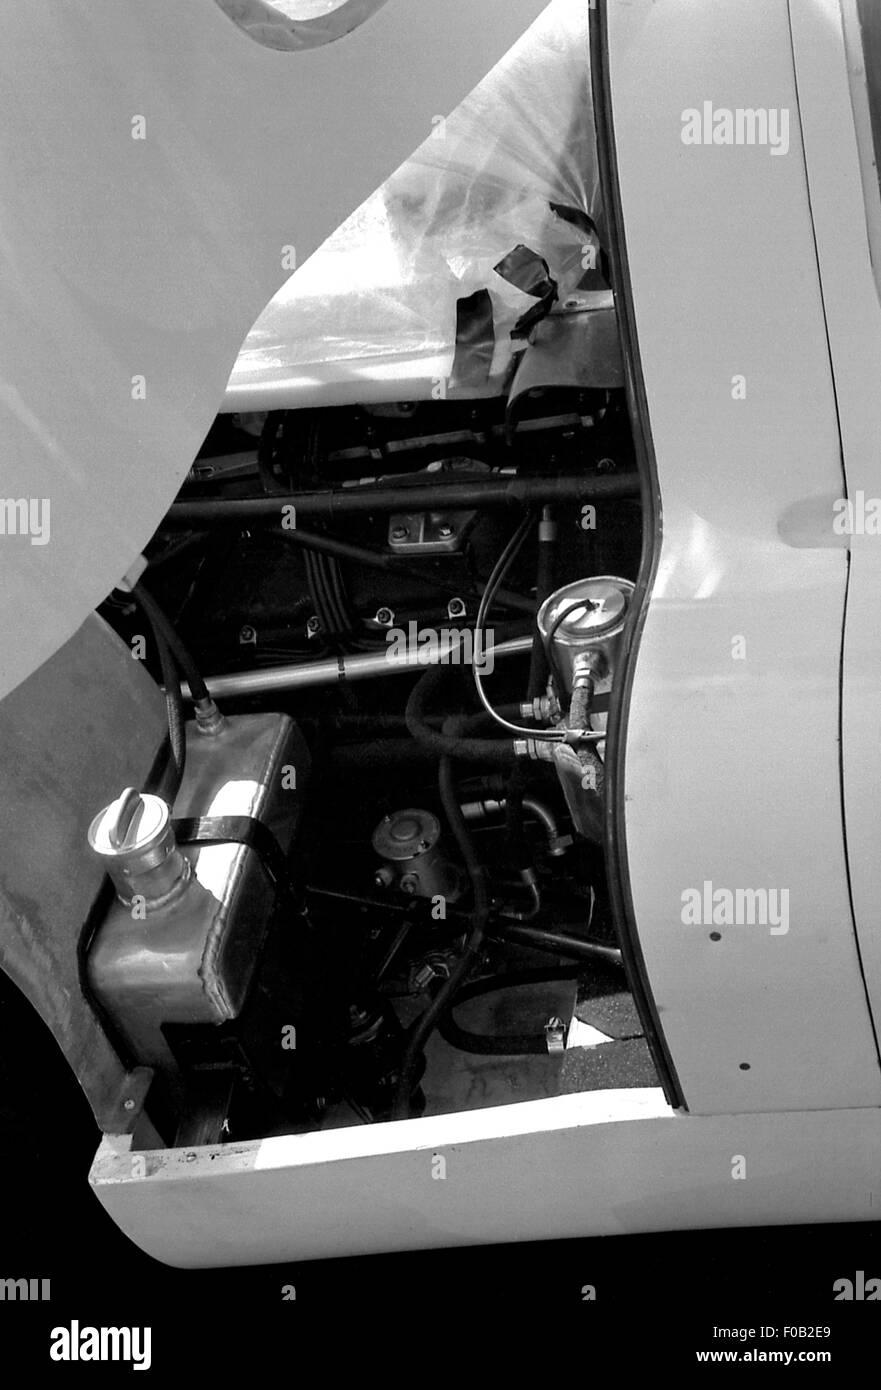 Le Mans 1968 - Stock Image